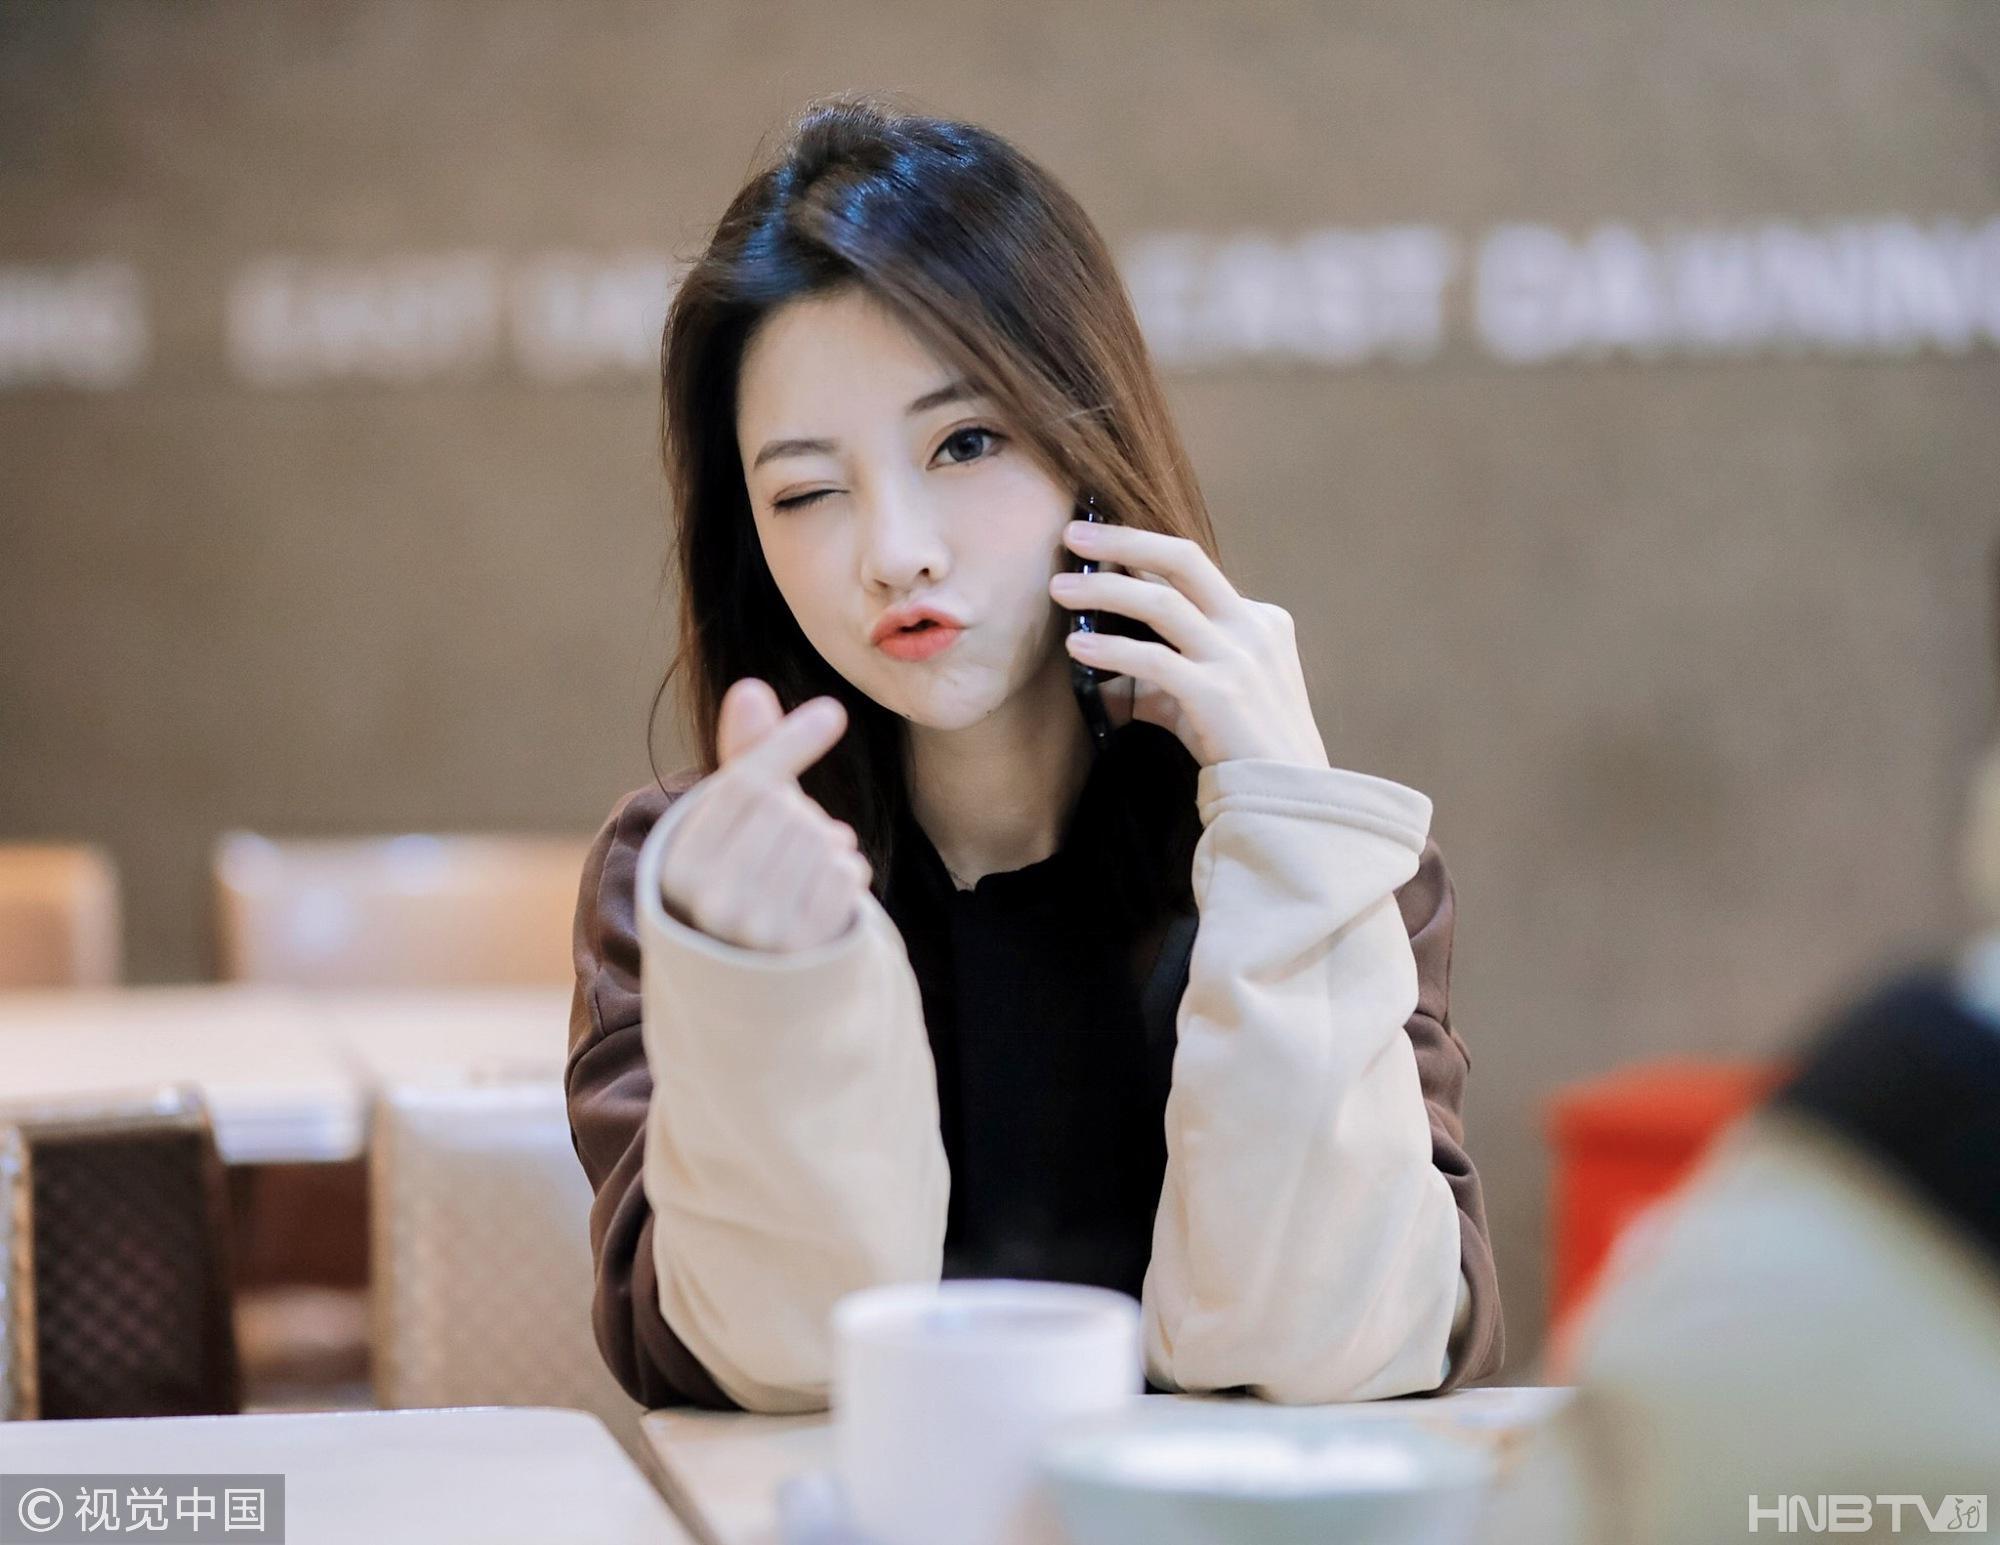 冯提莫甜美wink加比心可爱无敌 一袭黑长裙乖巧满分又气质